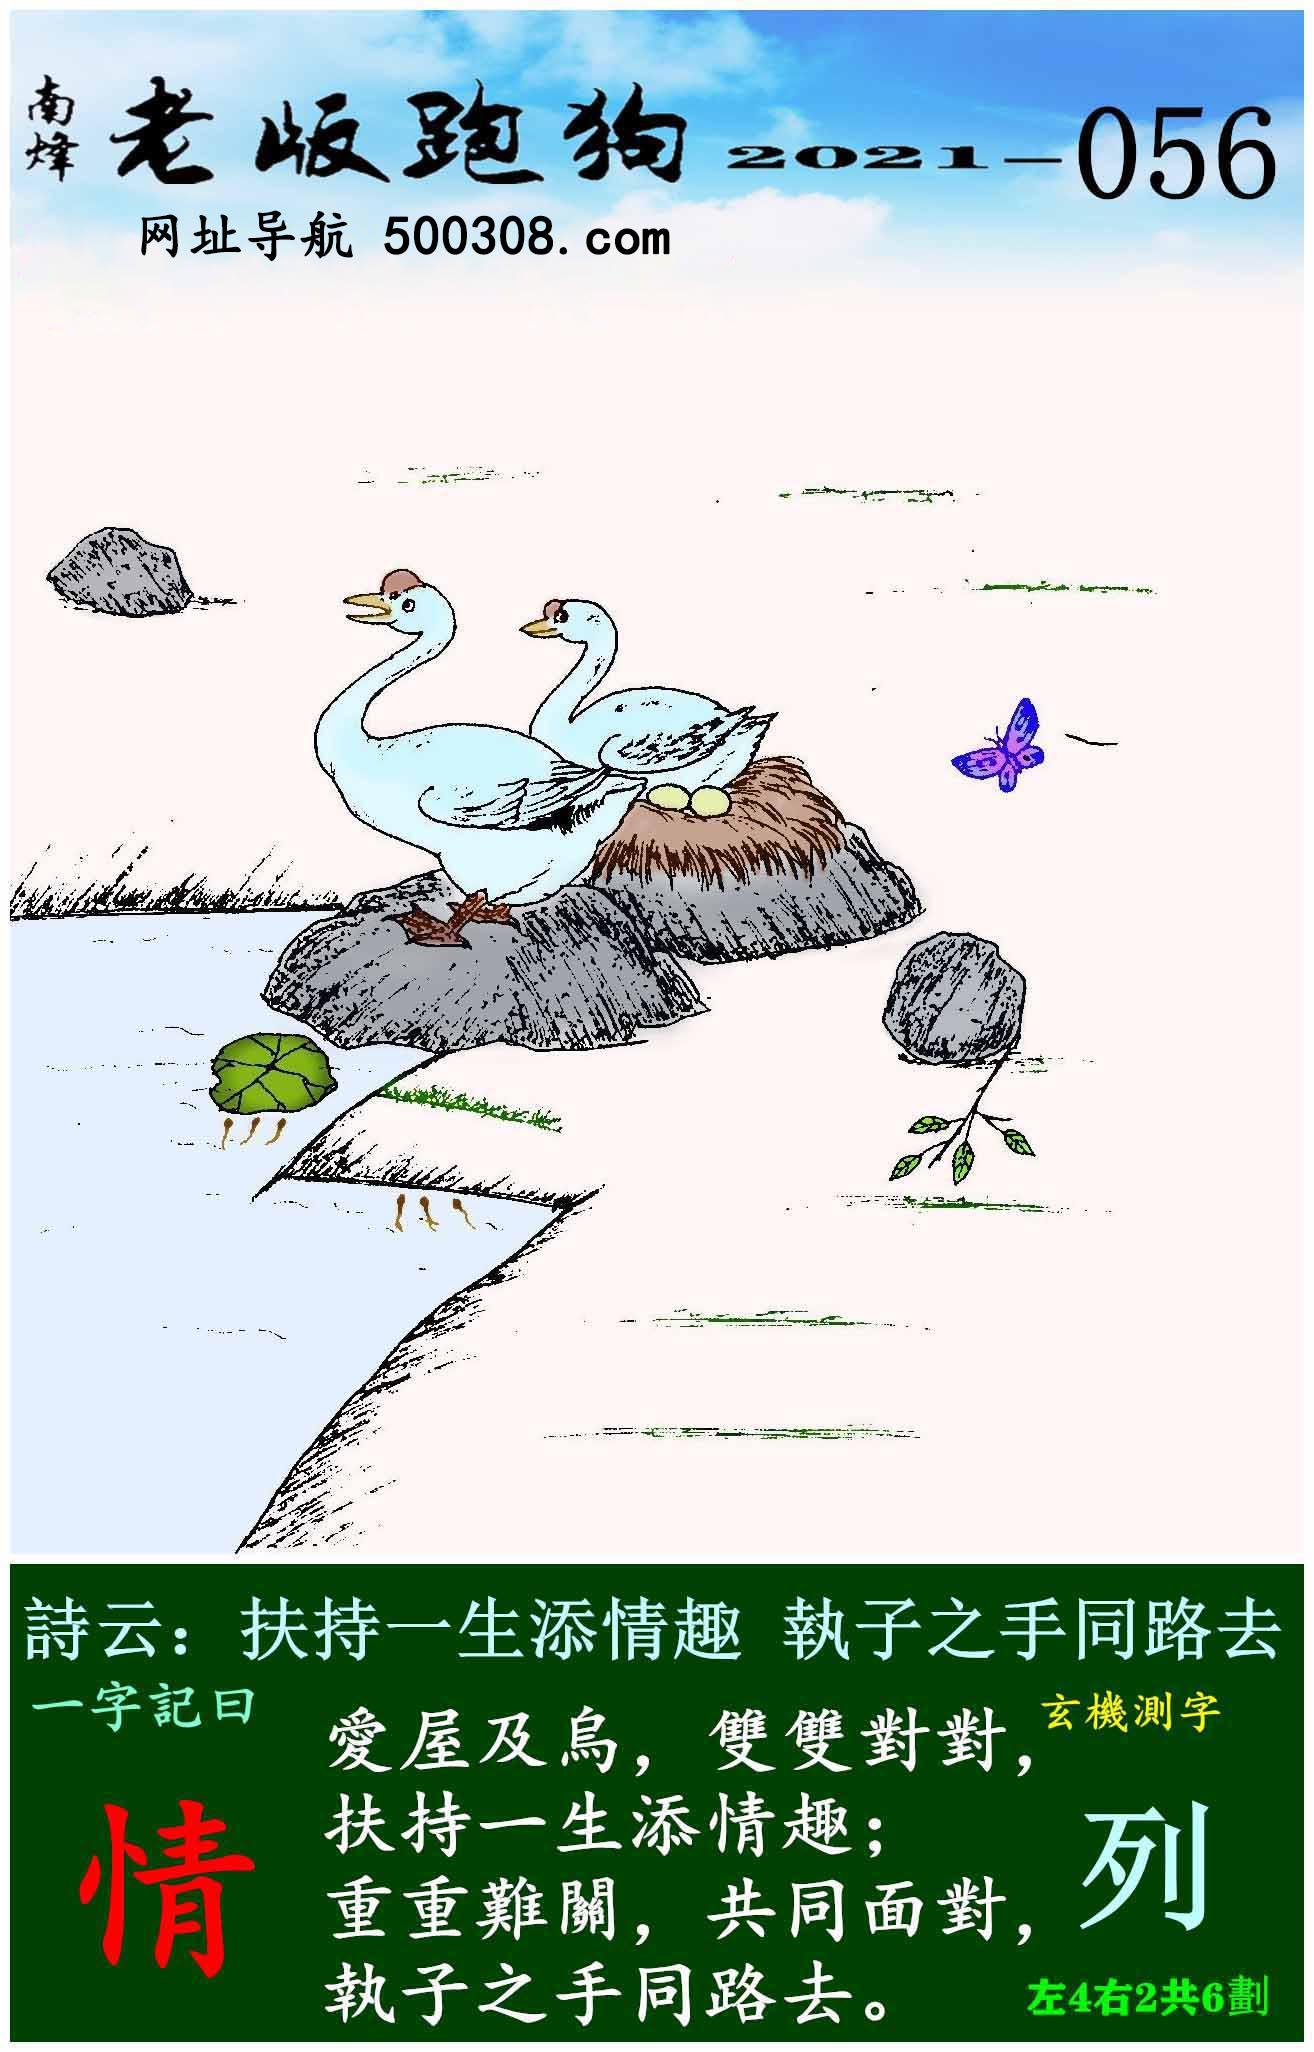 056期老版跑狗一字�之曰:【情】 ��:扶持一生添情趣,�套又�手同路去。